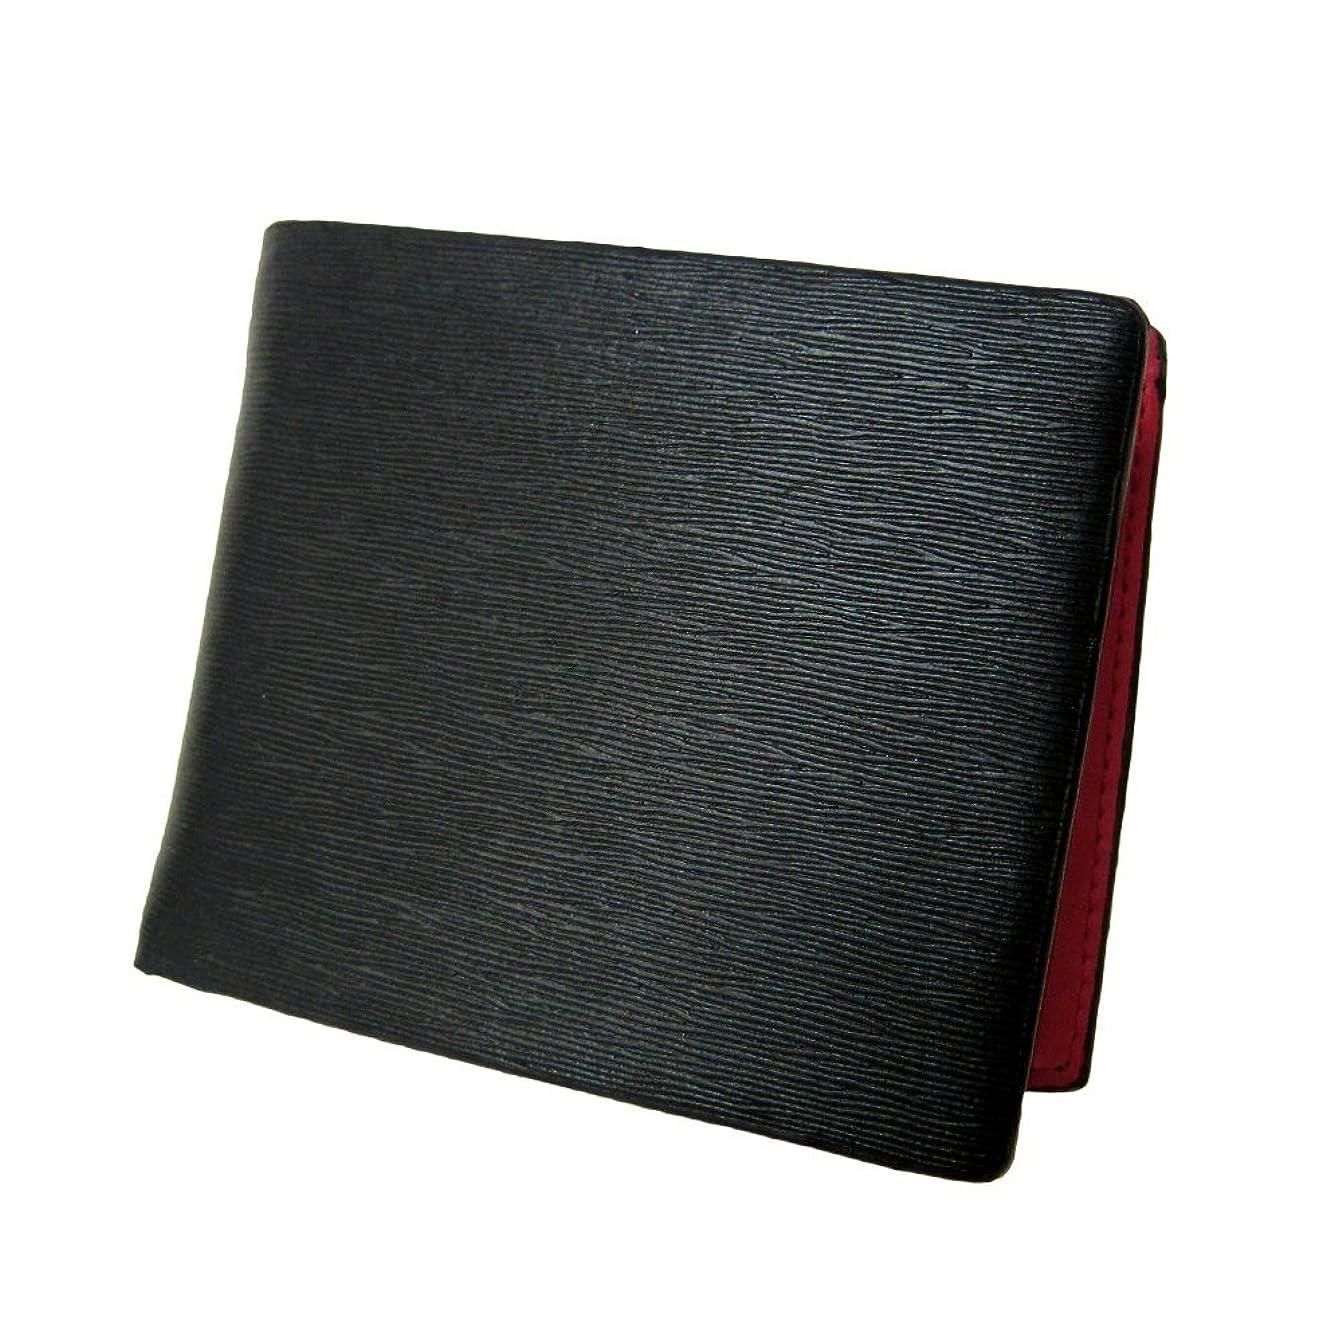 ウィンク繊細請求書[マトゥーリ]Maturi 牛革 プレミアムレザー 二つ折り財布 MR-053 BK×RD